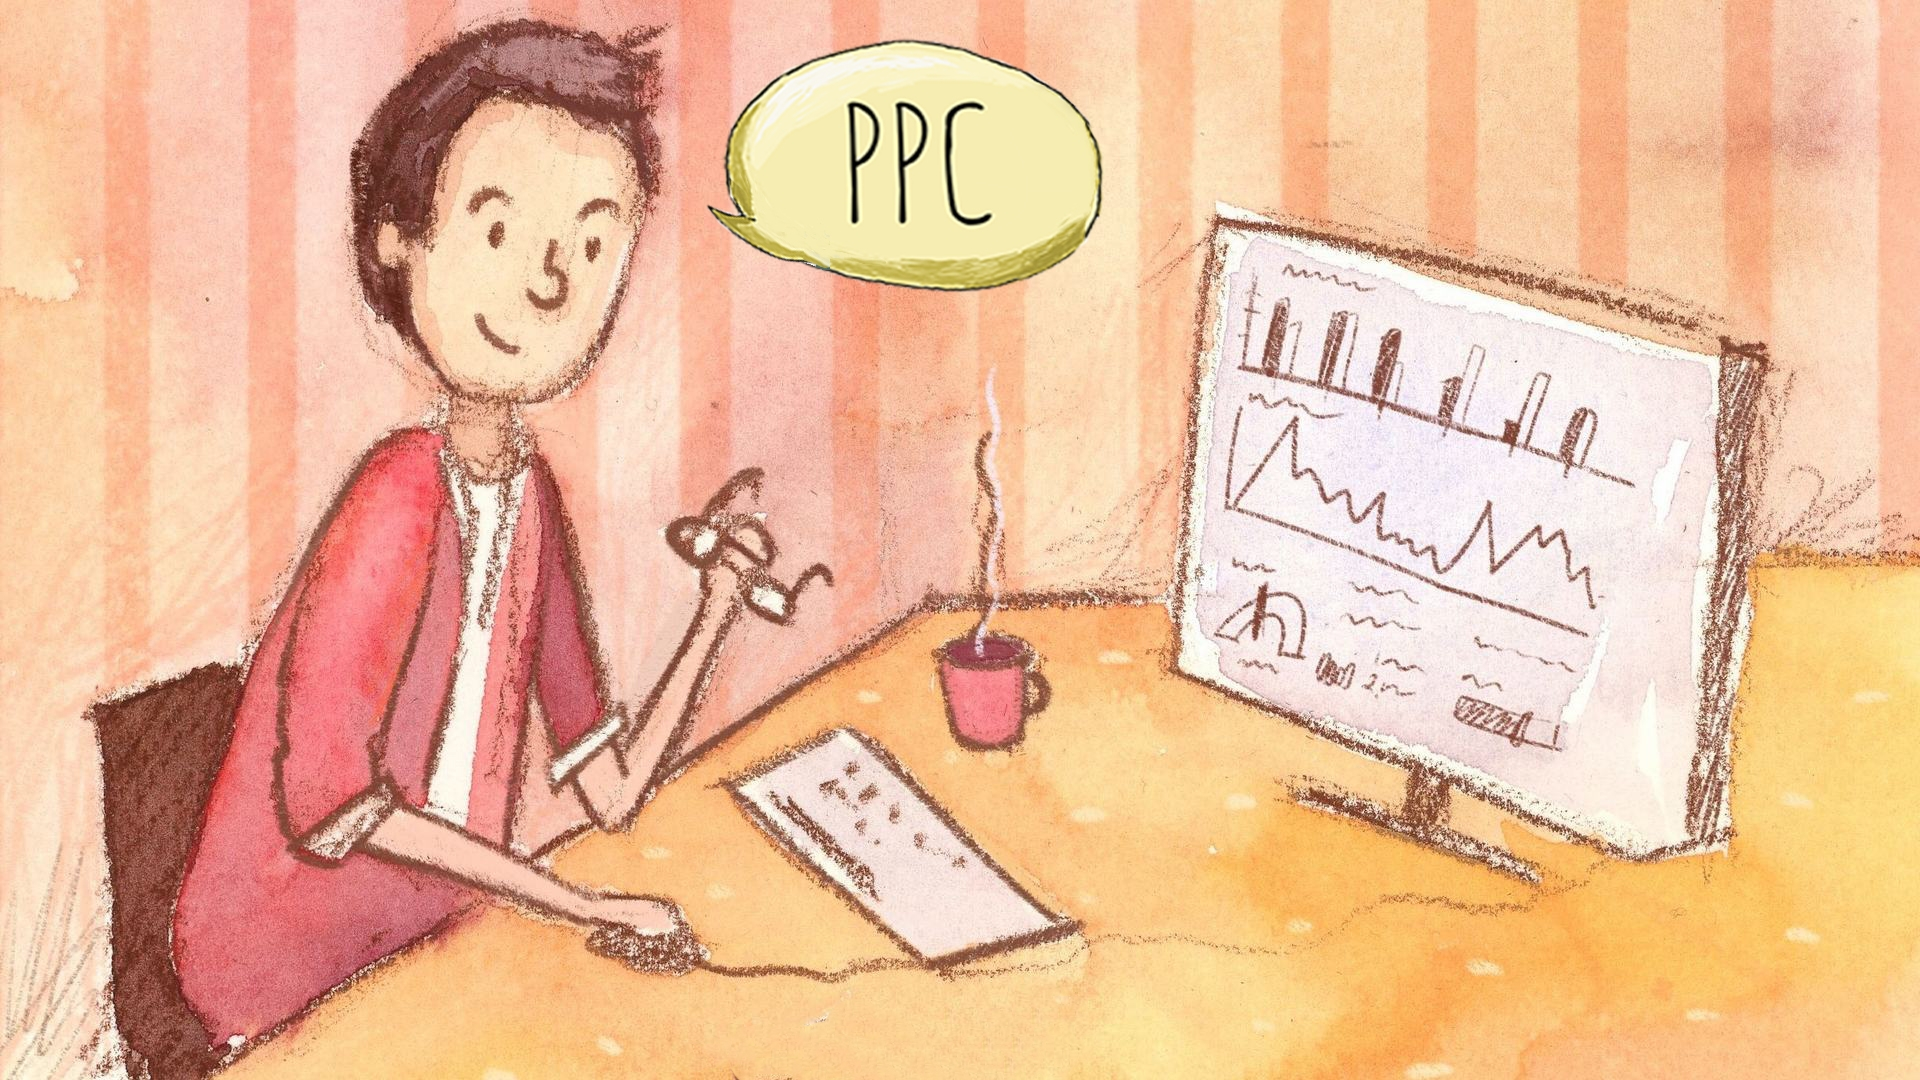 Как получать больше от контекстной рекламы? Анализ главных KPI